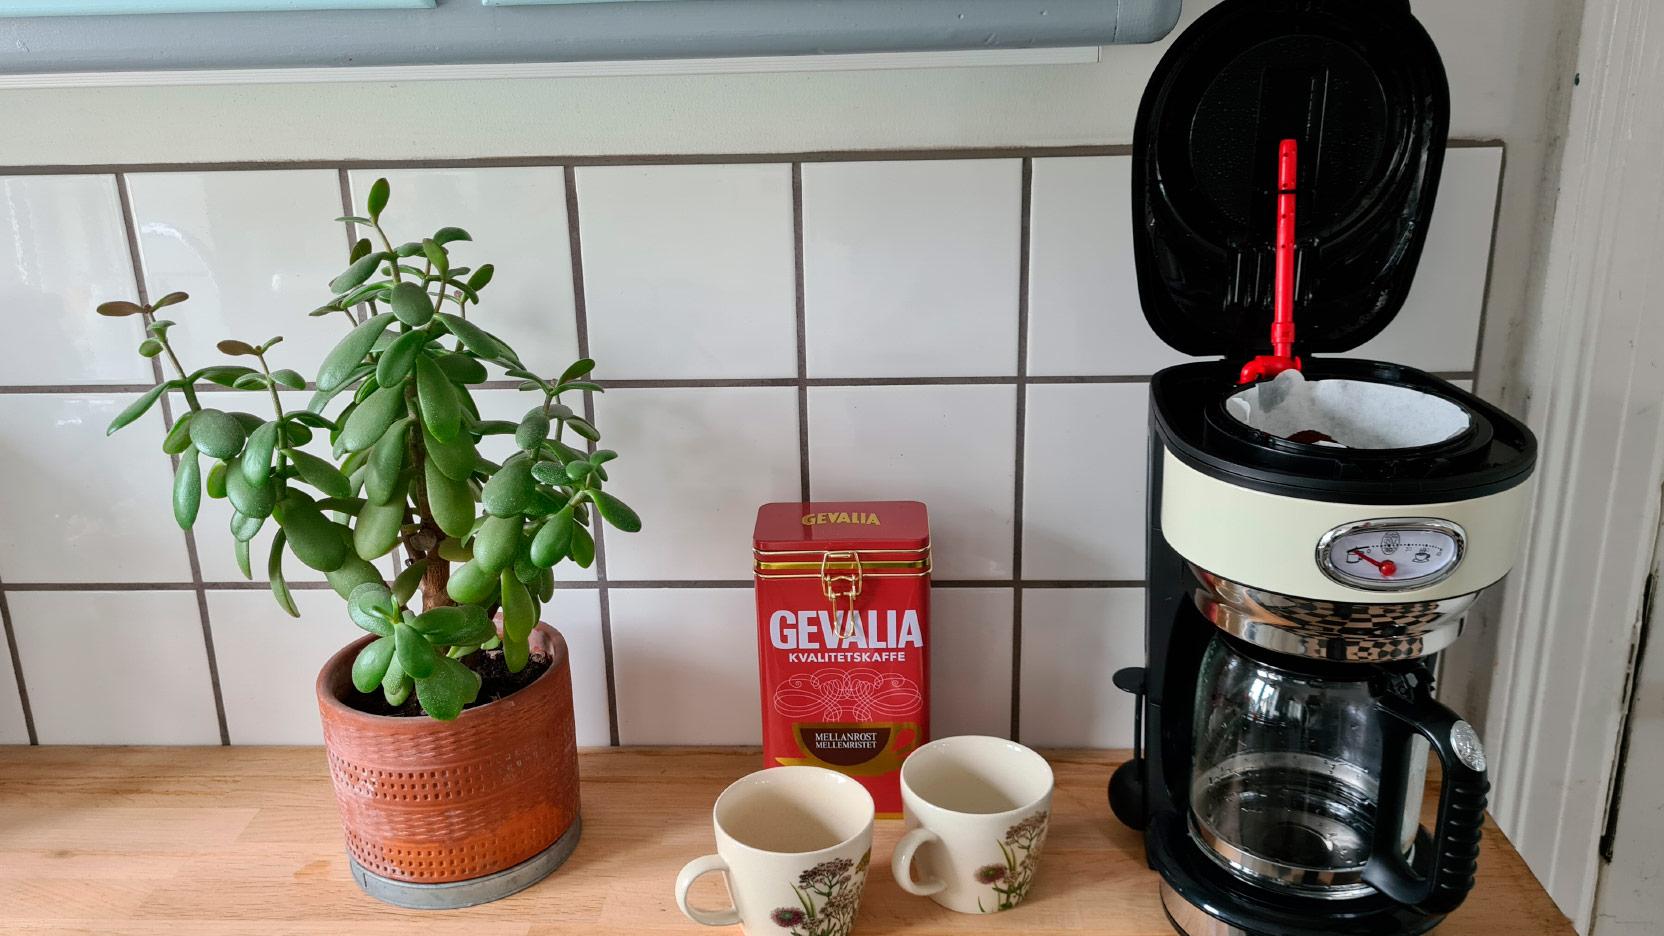 Bild av kaffemaskinen Russell Hobbs Retro med öppet lock